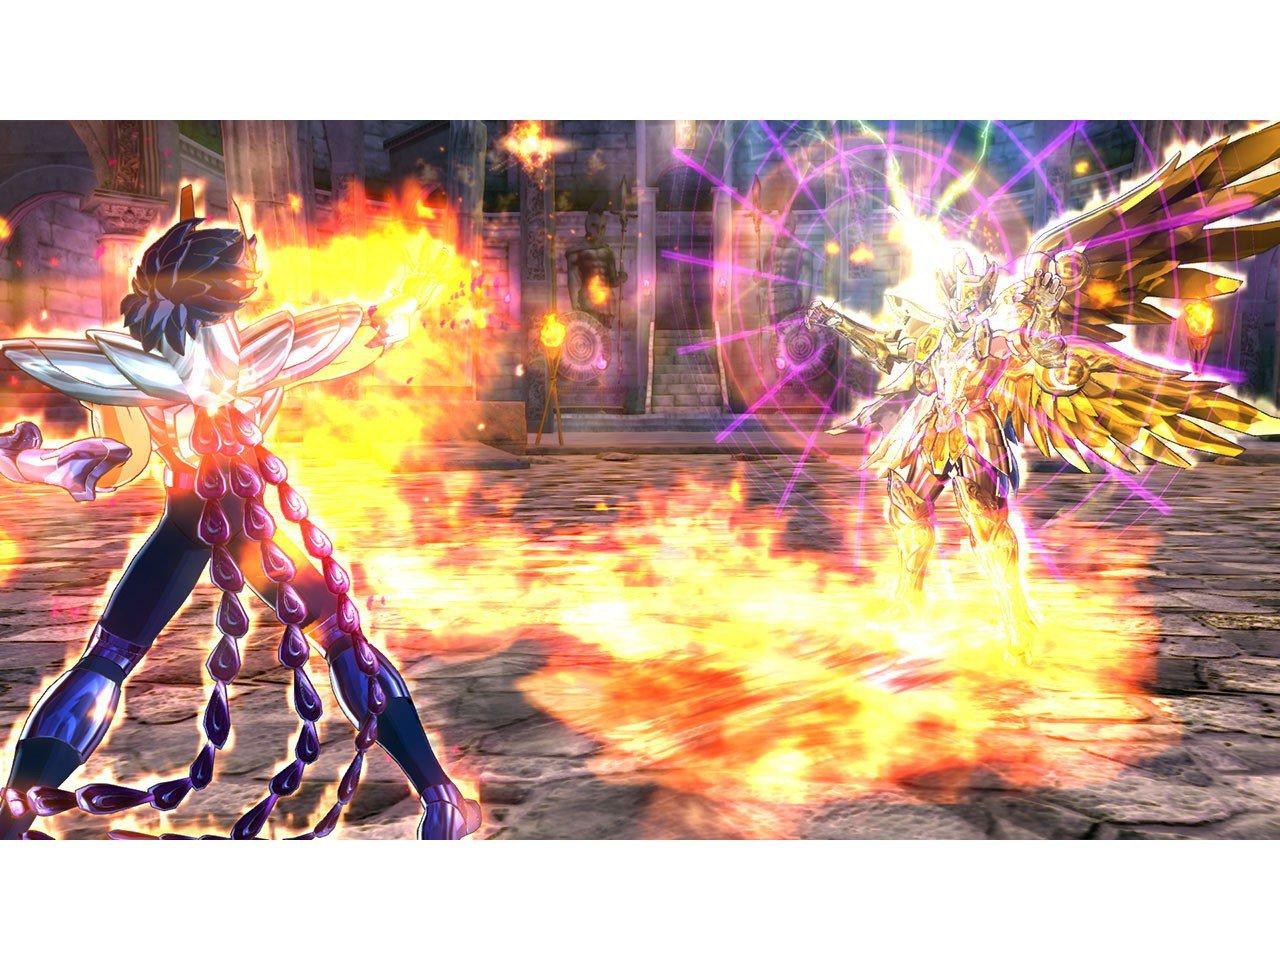 Os Cavaleiros do Zodíaco: Alma dos Soldados - para PS4 - Bandai Namco - 4